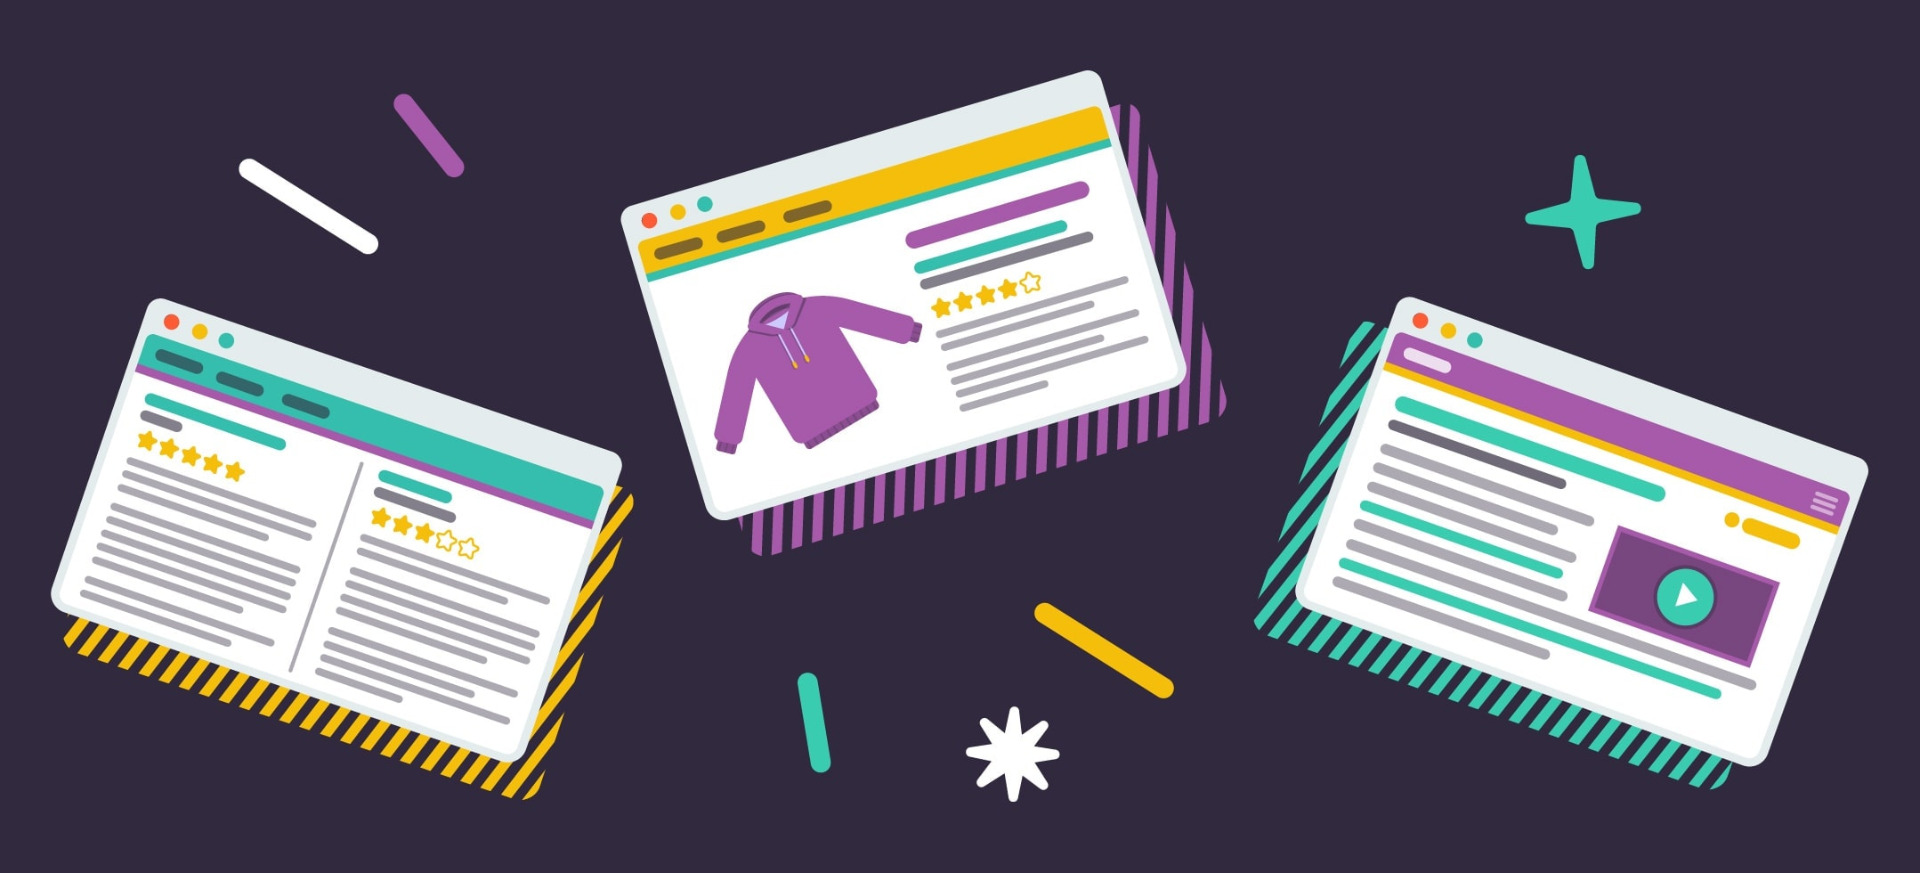 رضایت مخاطبان از خرید محصولات در سایت